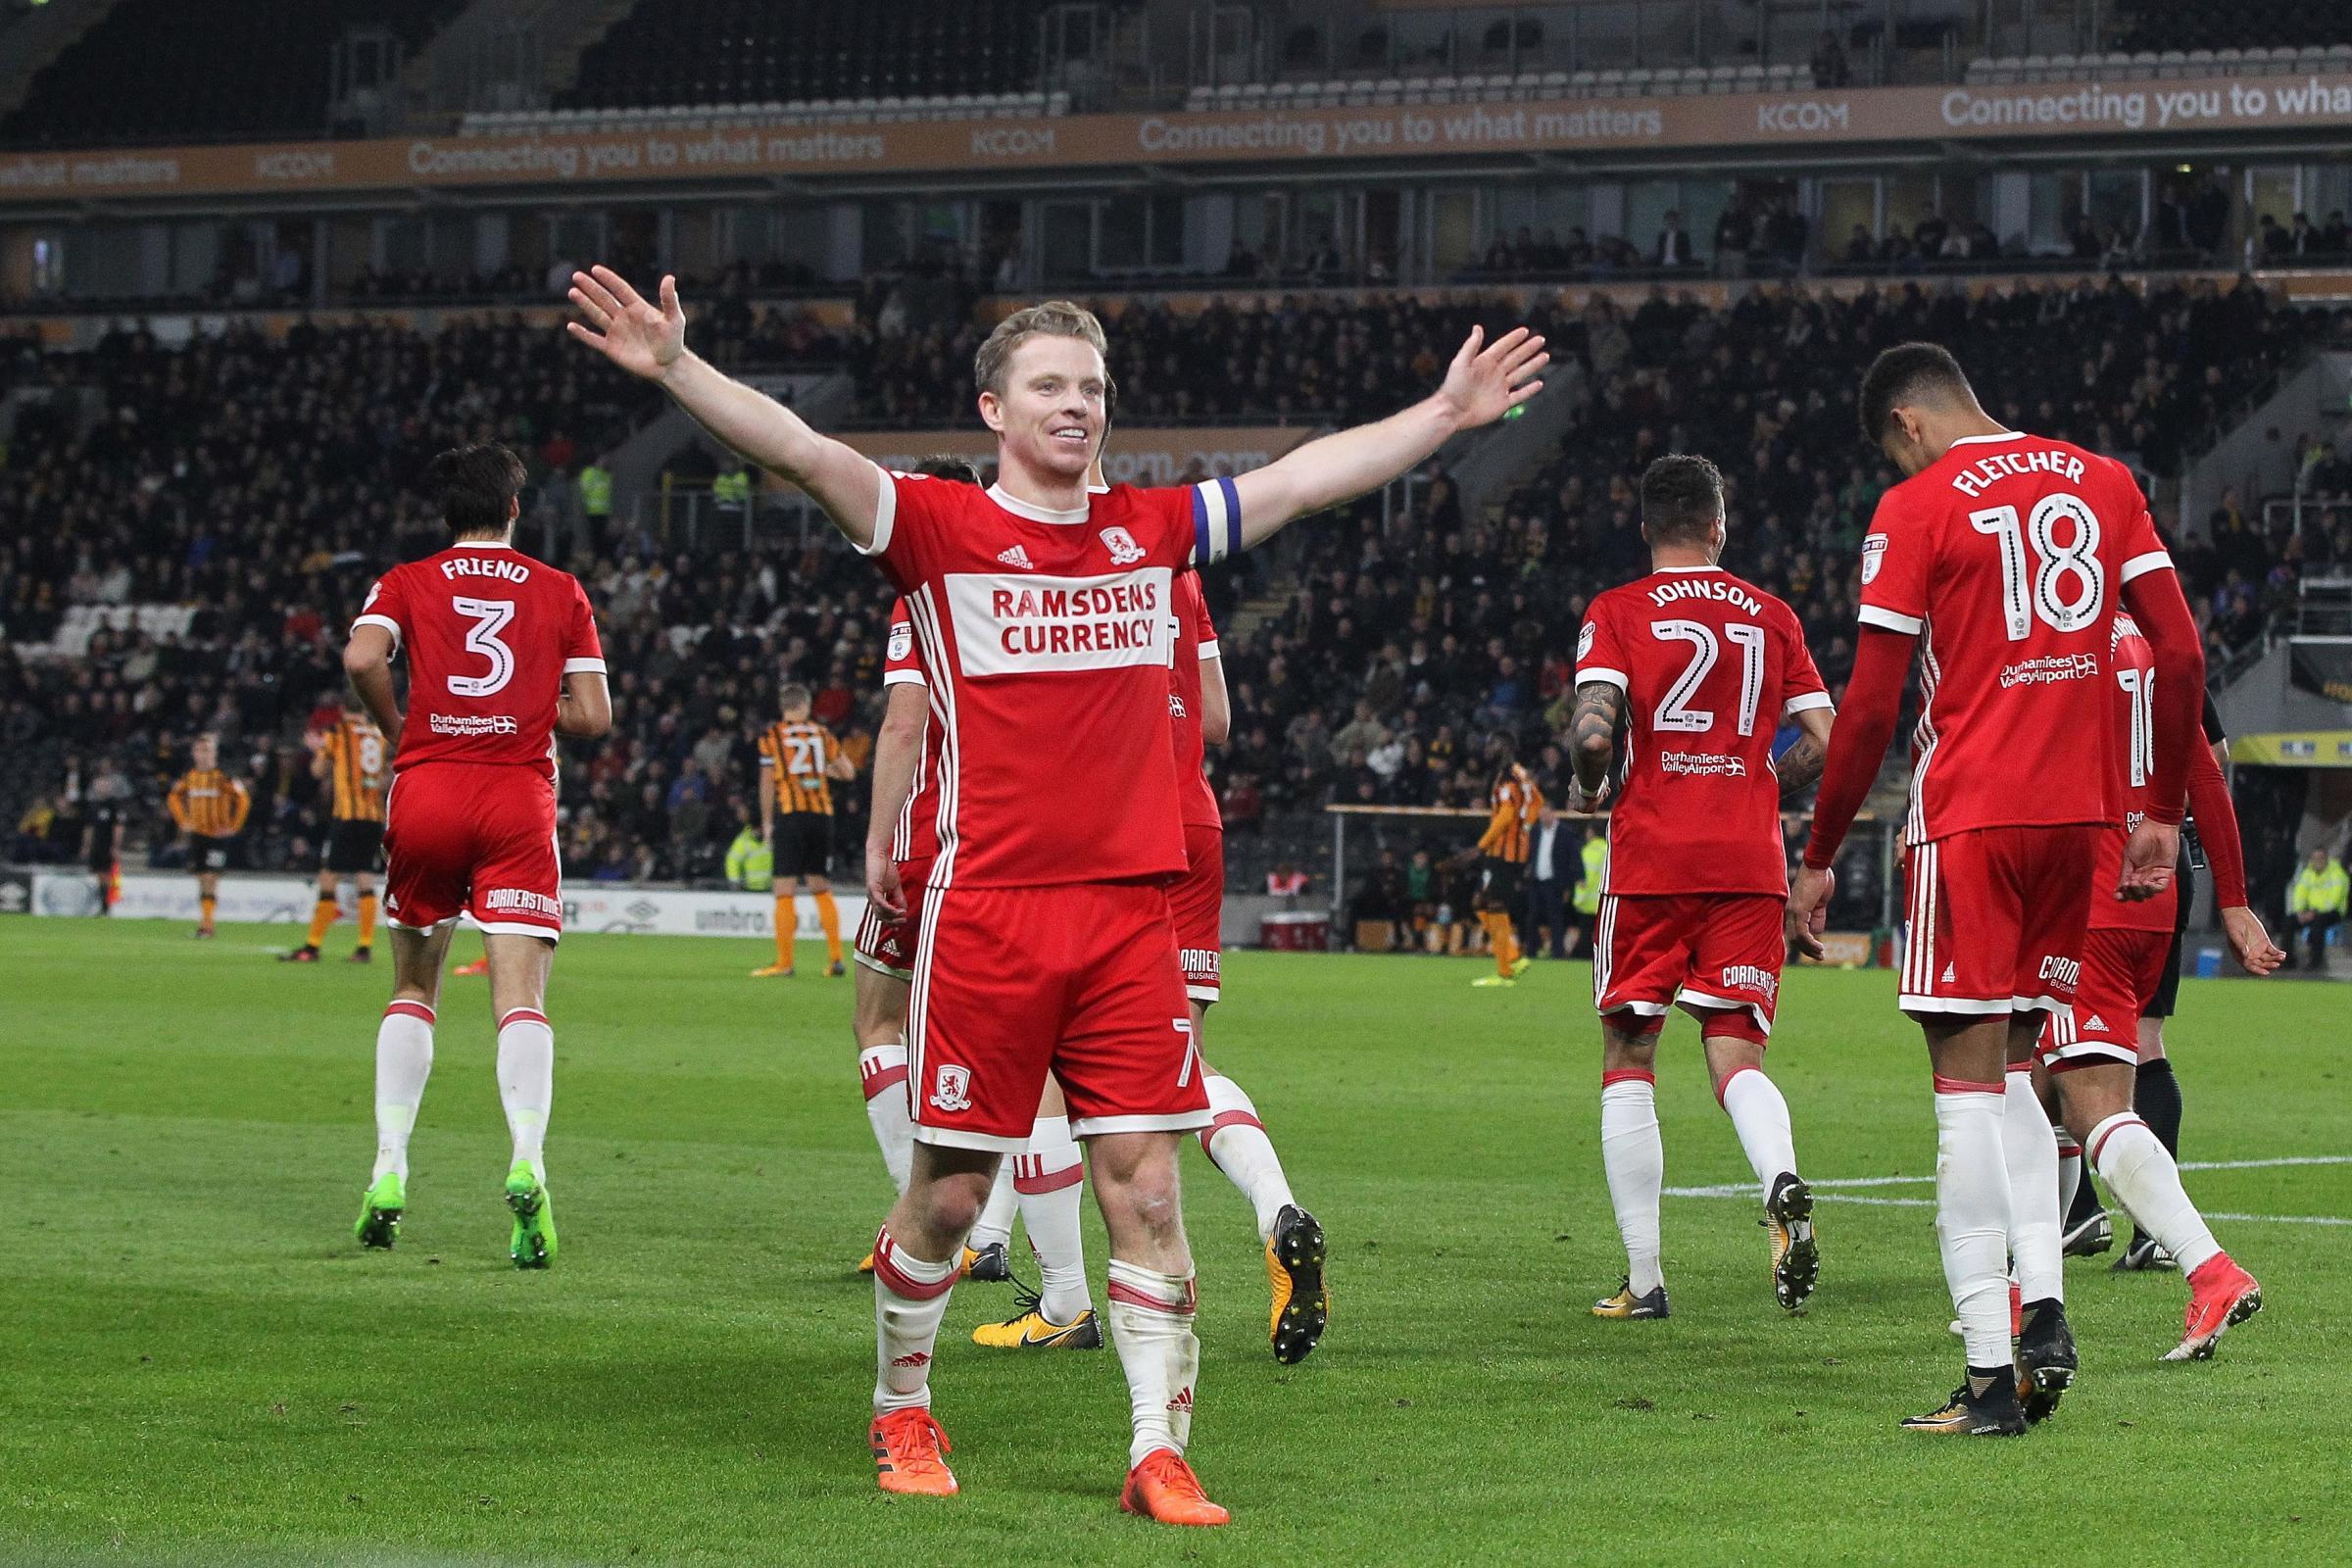 Boro midfielder Grant Leadbitter back in Sunderland's sights